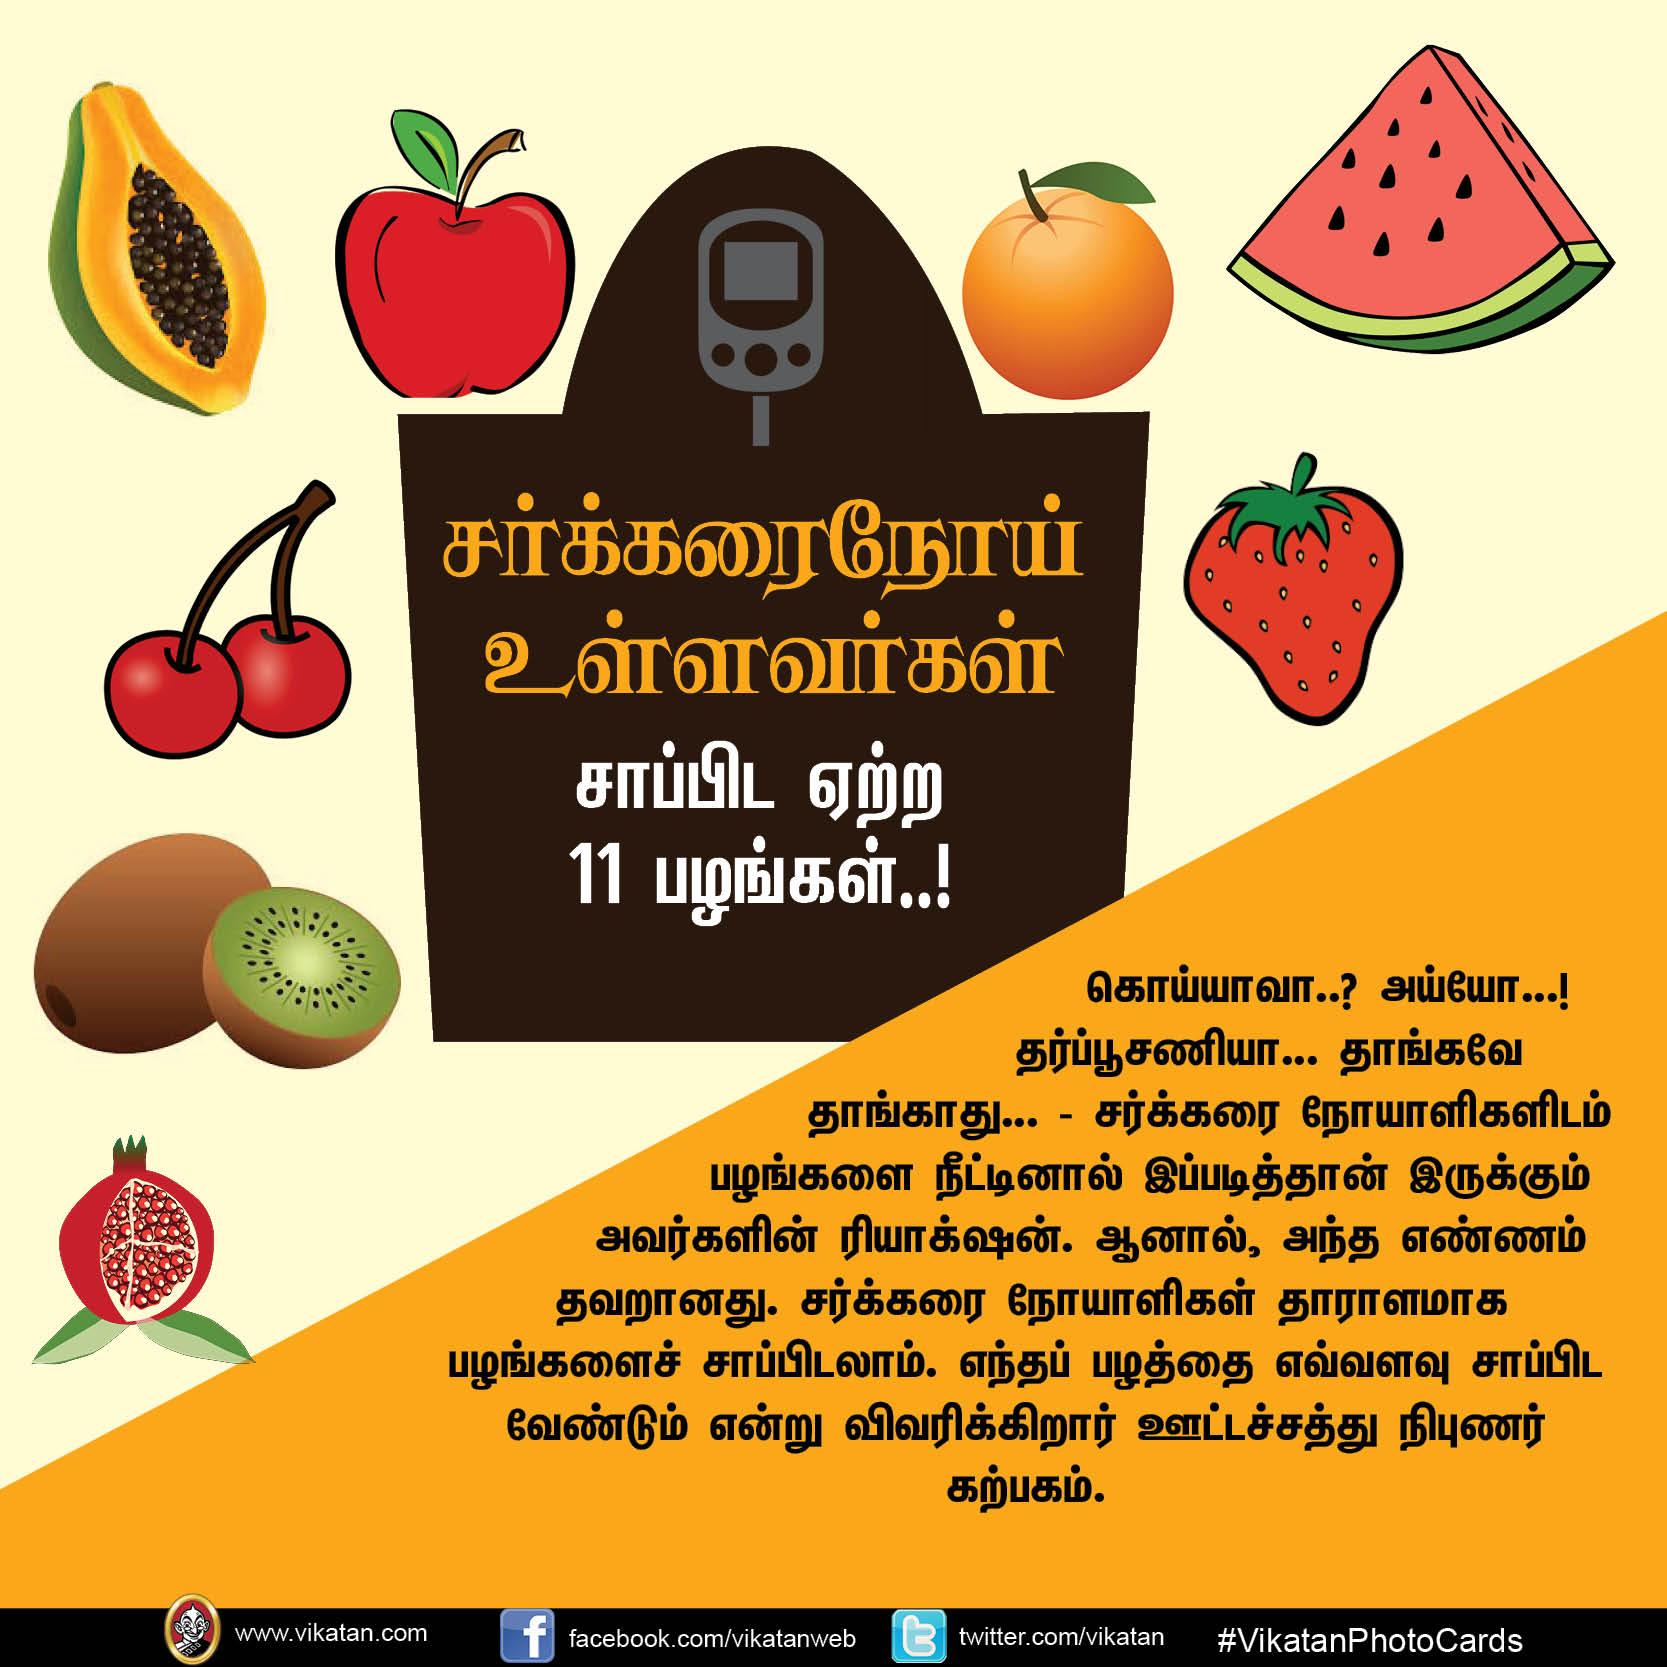 சர்க்கரைநோய் உள்ளவர்கள் சாப்பிட ஏற்ற 11 பழங்கள்..! #VikatanPhotoCards #DiabetesTips